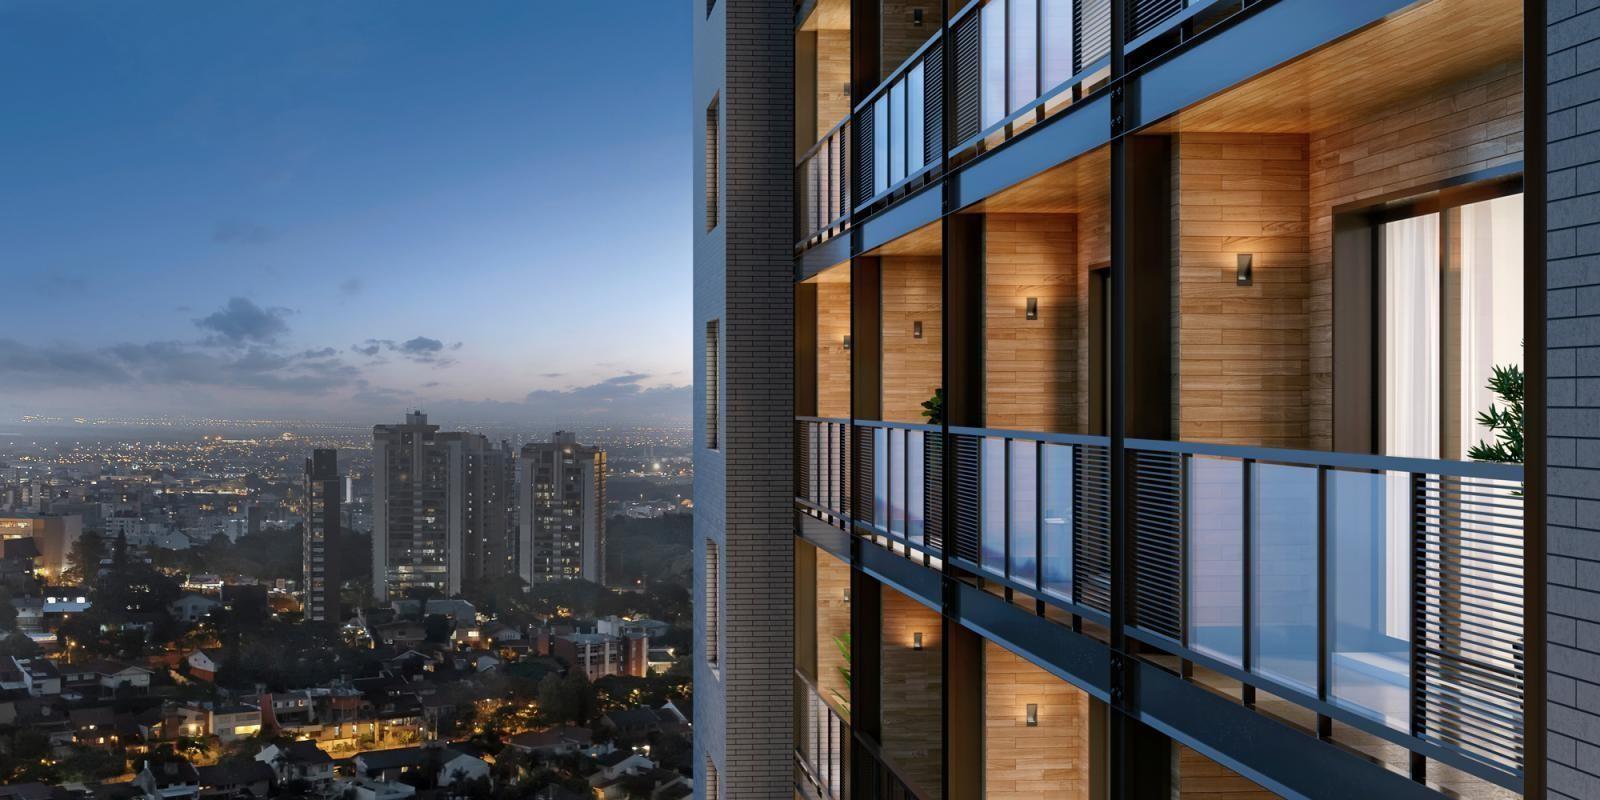 TPS Imóveis apresenta Apartamento 3 Dormitórios em Porto Alegre! Excelente imóvel a venda em Porto Alegre